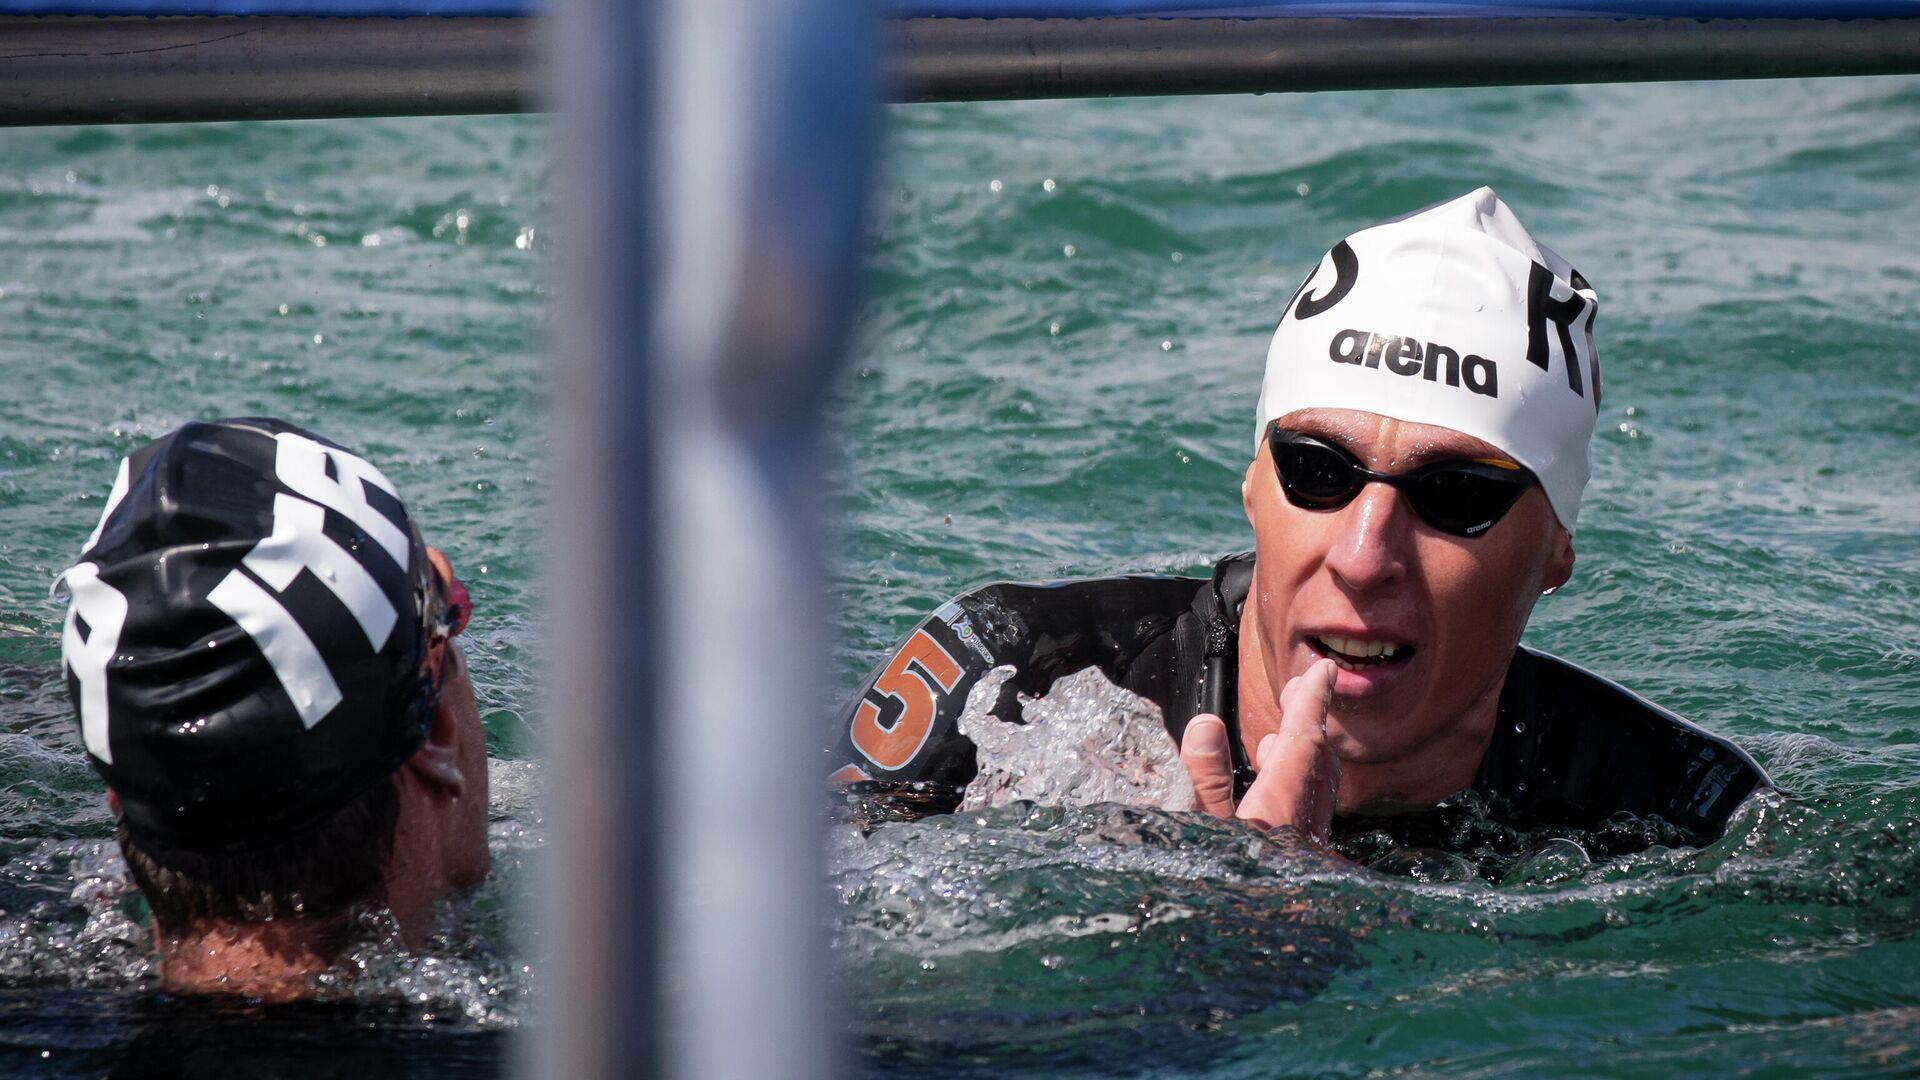 Плавание на открытой воде. Чемпионат Европы. Мужчины. 25 км - РИА Новости, 1920, 05.08.2021